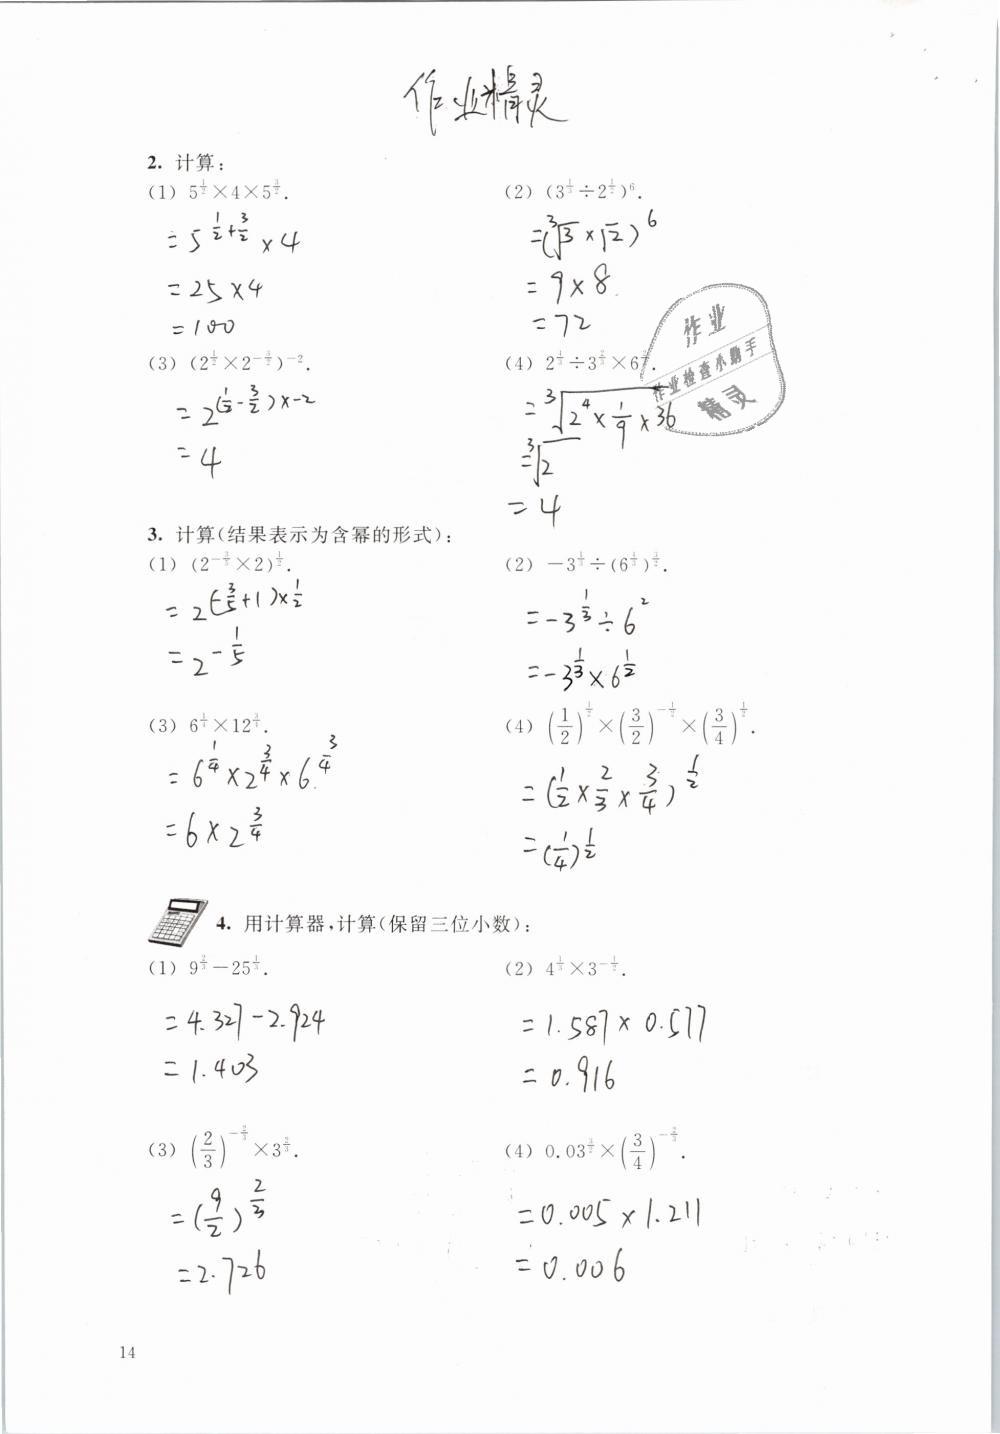 2019年数学练习部分七年级第二学期第14页